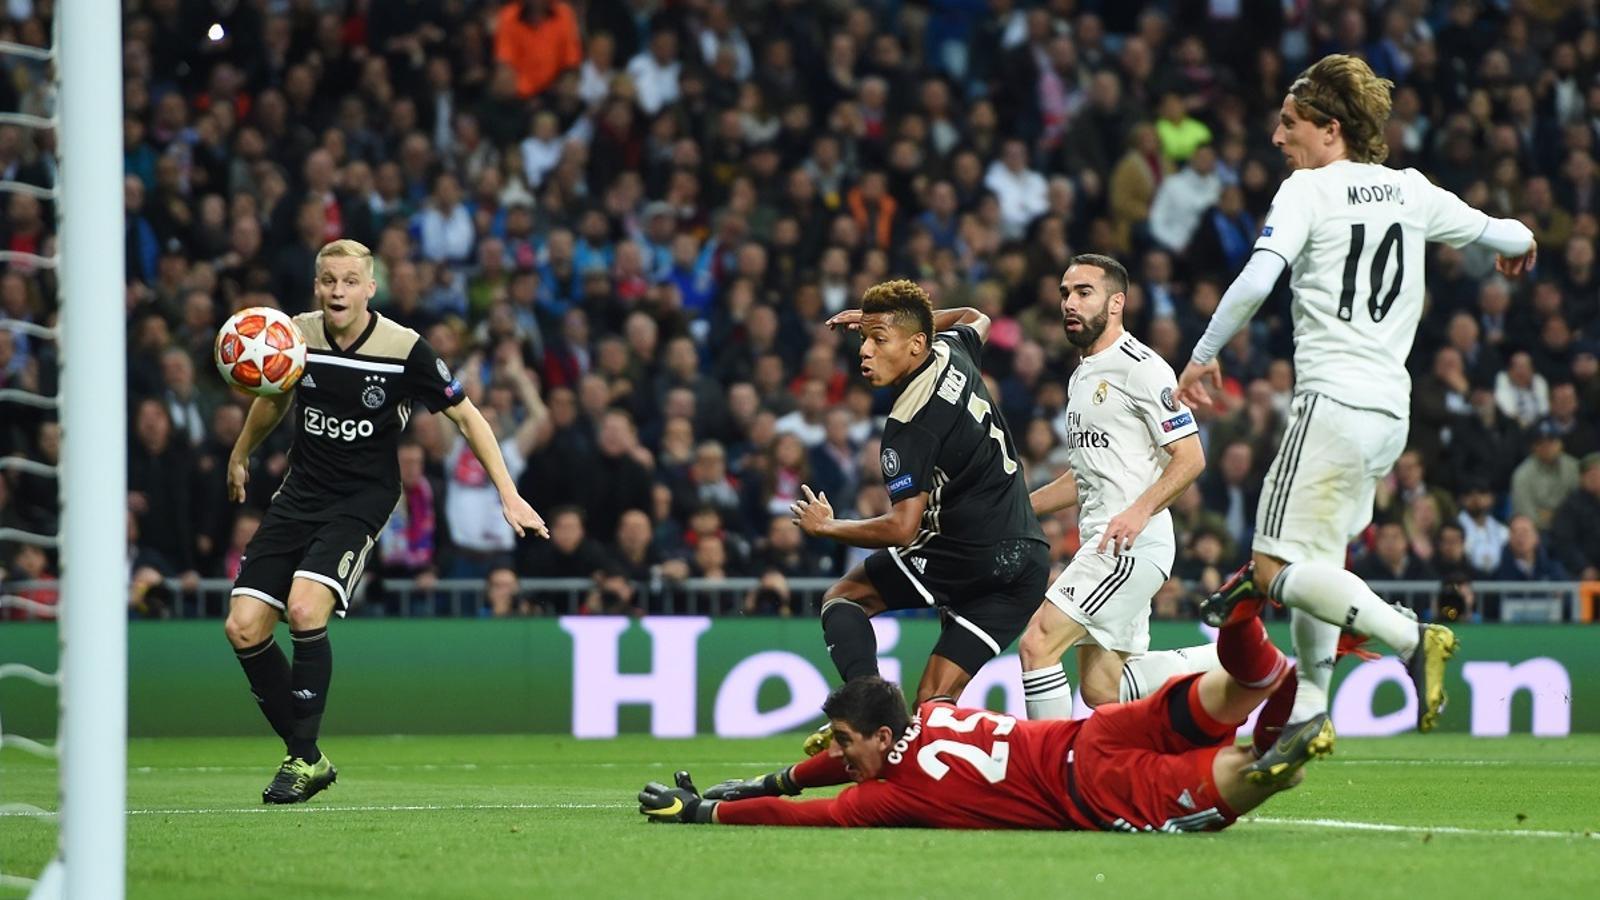 L'Ajax deixa en ridícul el Madrid i l'elimina de la Champions (1-4)